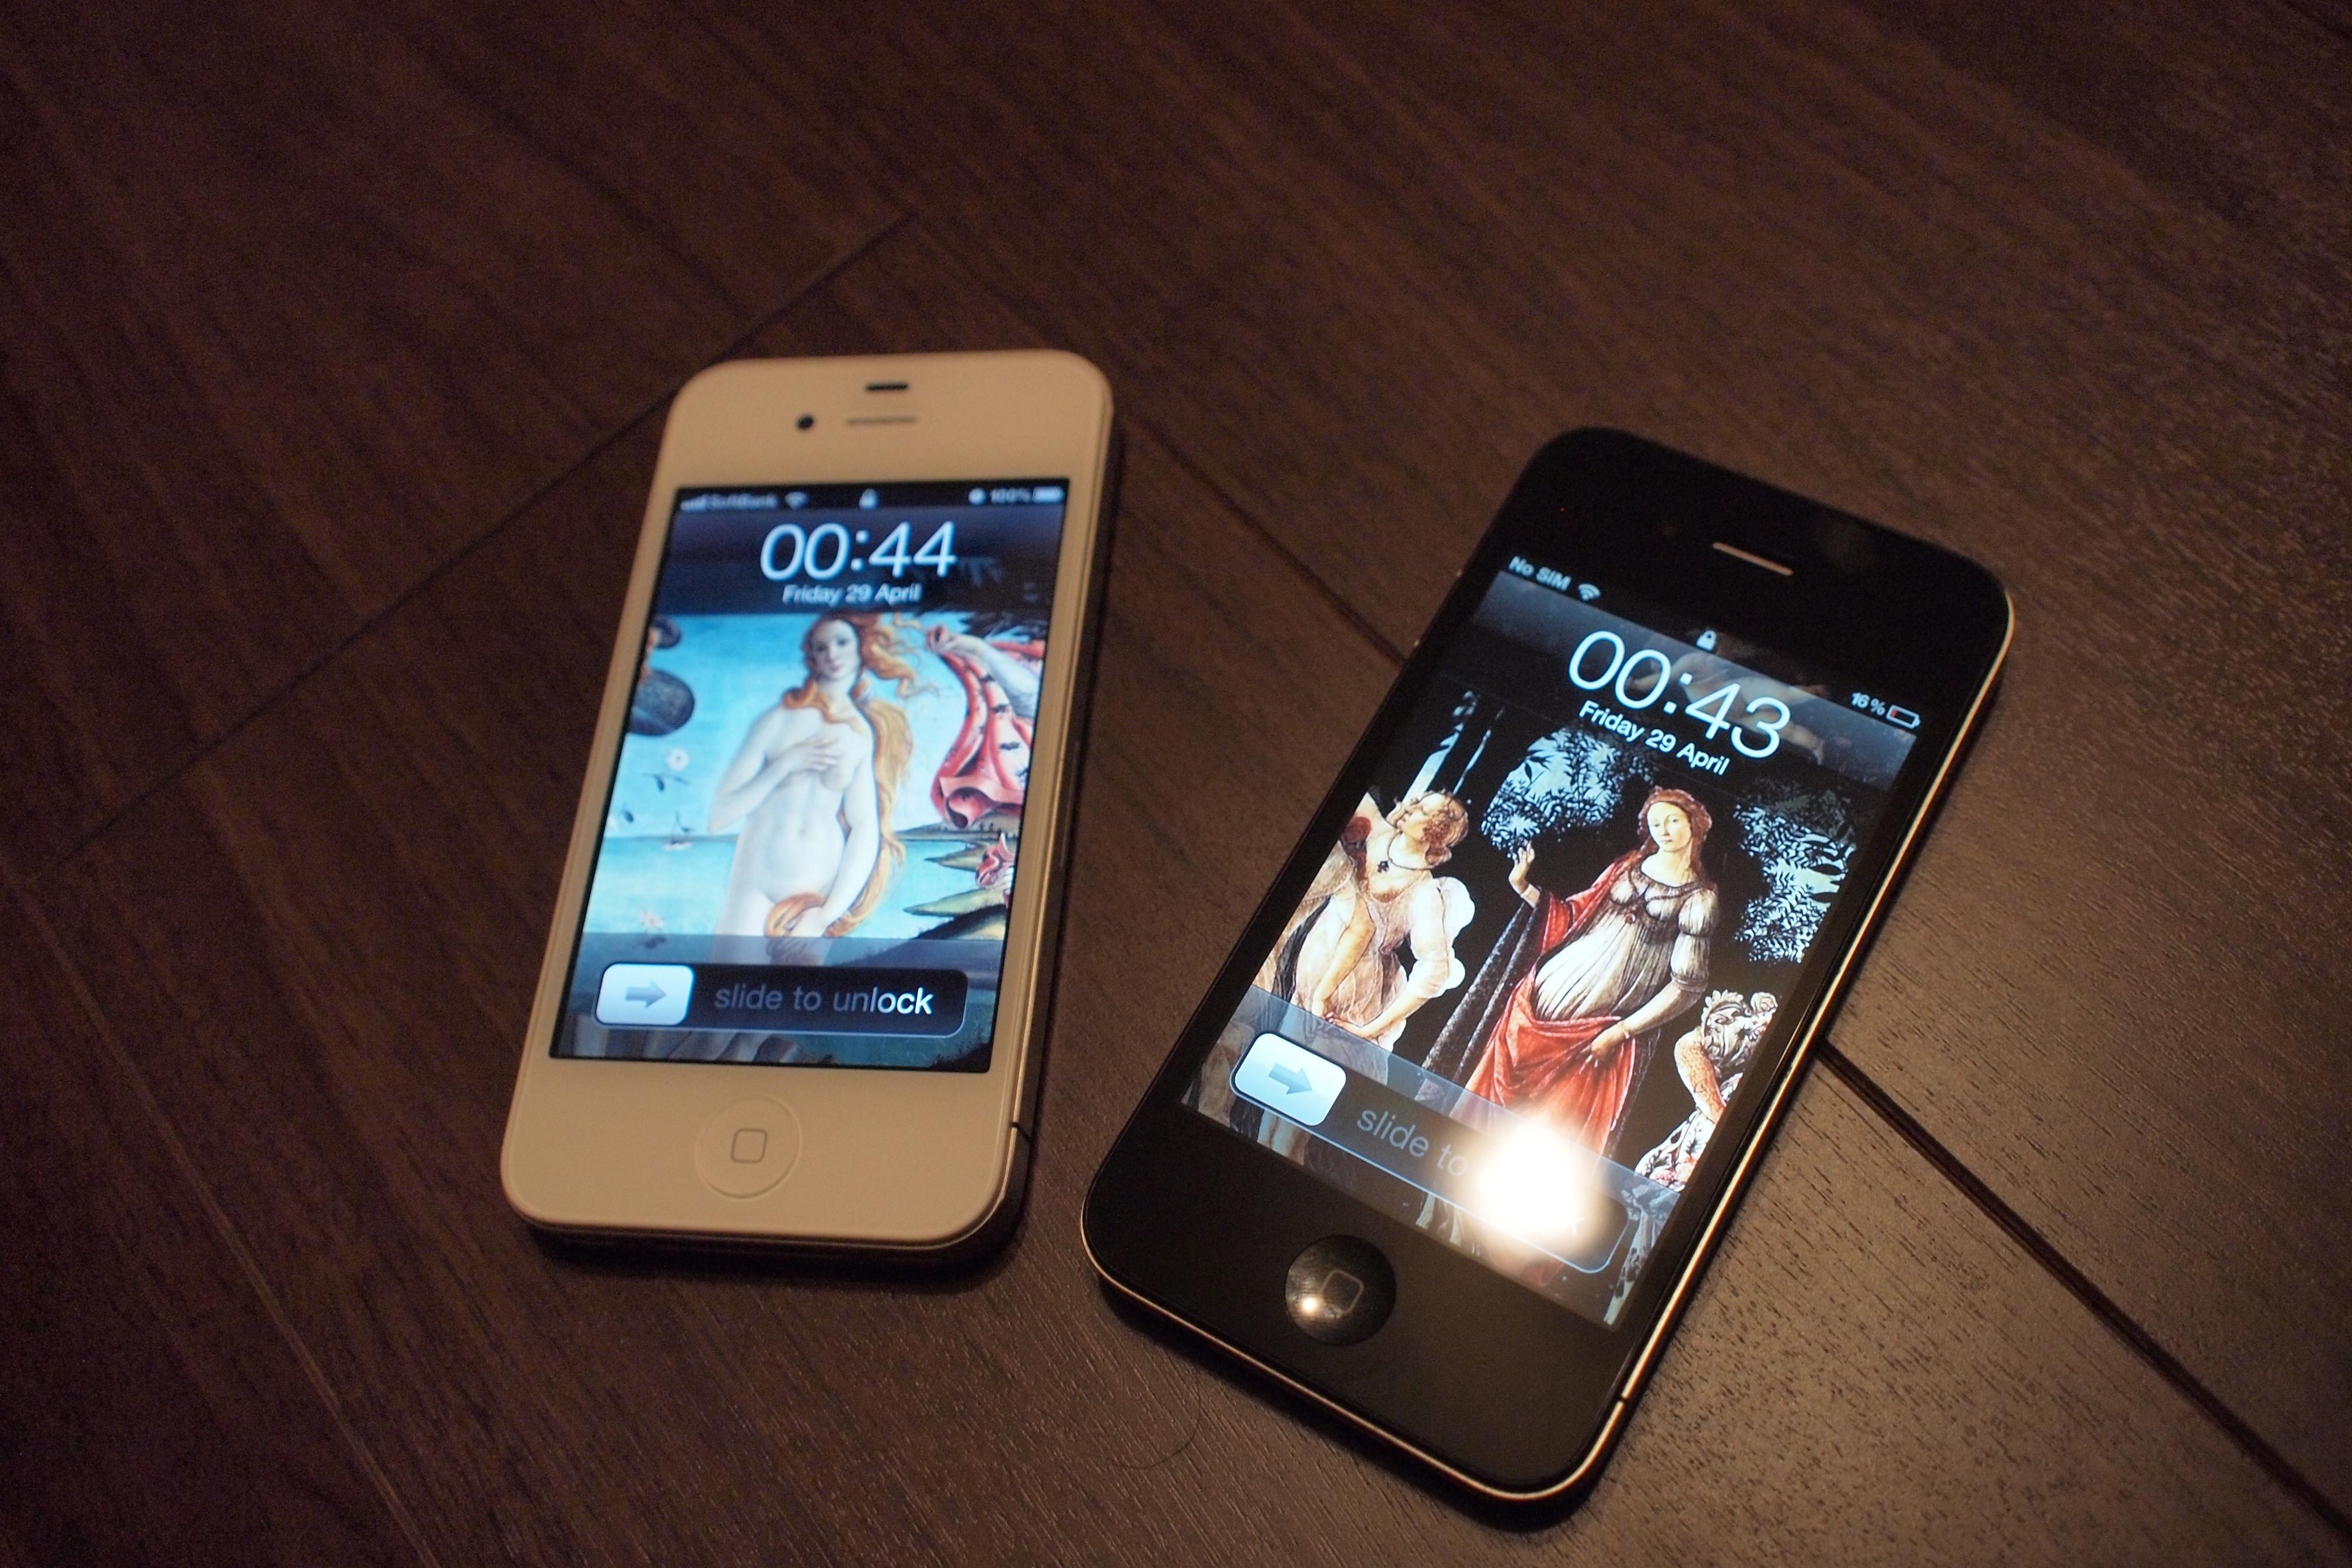 Iphone 4ホワイトモデルにはヴィーナスが似合う The Art Of Marr S Blog